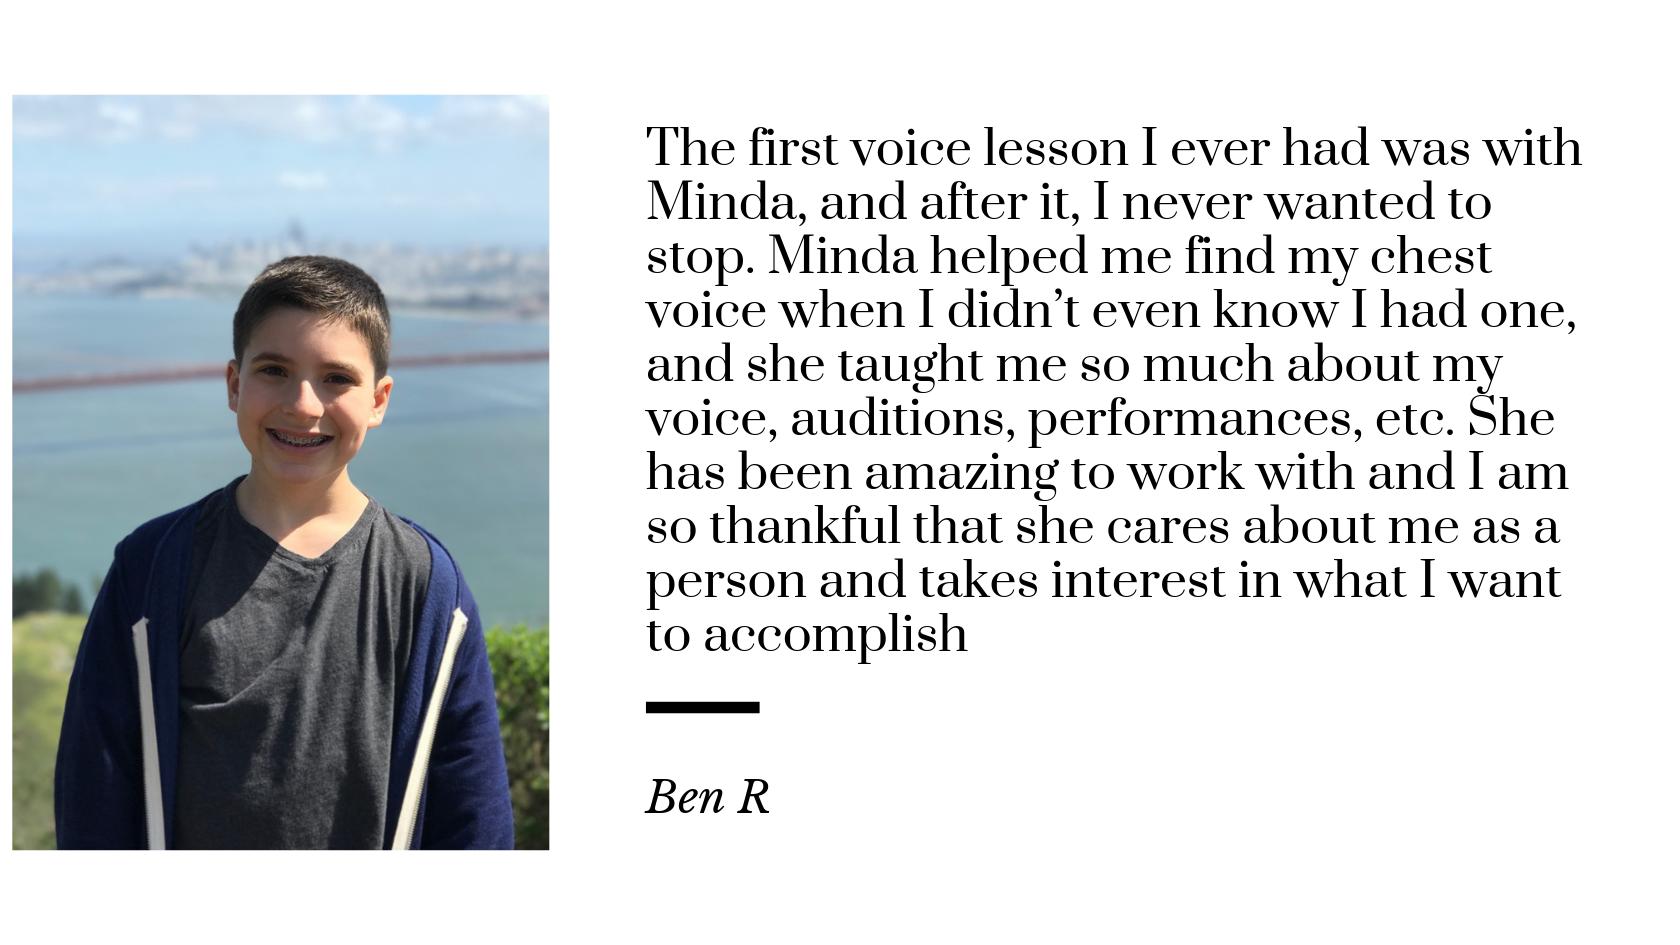 Ben B testimonial for Minda Larsen